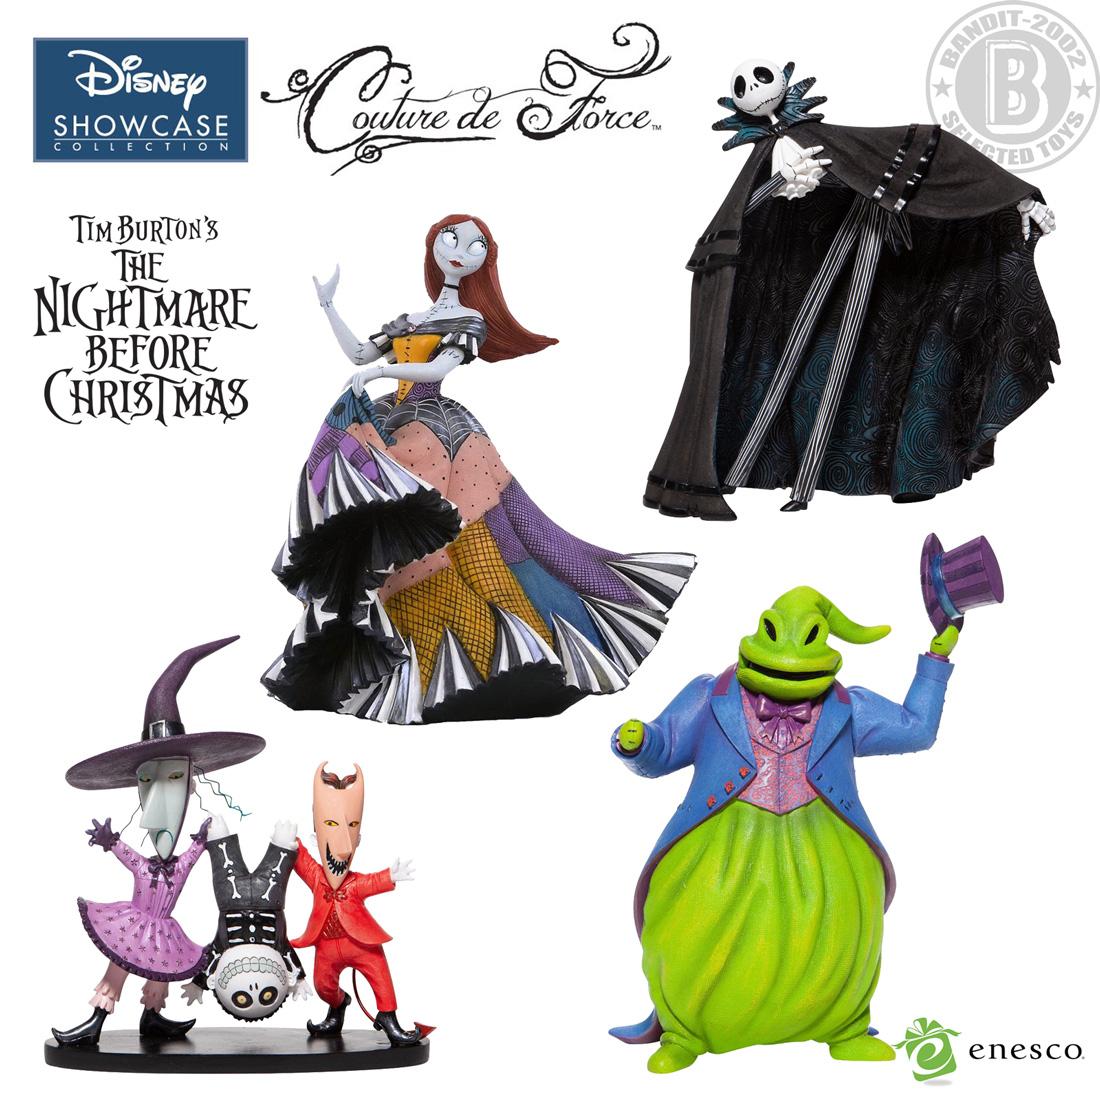 【ブログ】ナイトメアービフォアクリスマス 2020年 新作クチュール・デ・フォースご予約開始!!! 毎年恒例になったジャックとサリーのドレスアップ スタイル♡今年はなんとブギーやロック・ショック・バレルまで登場です†††